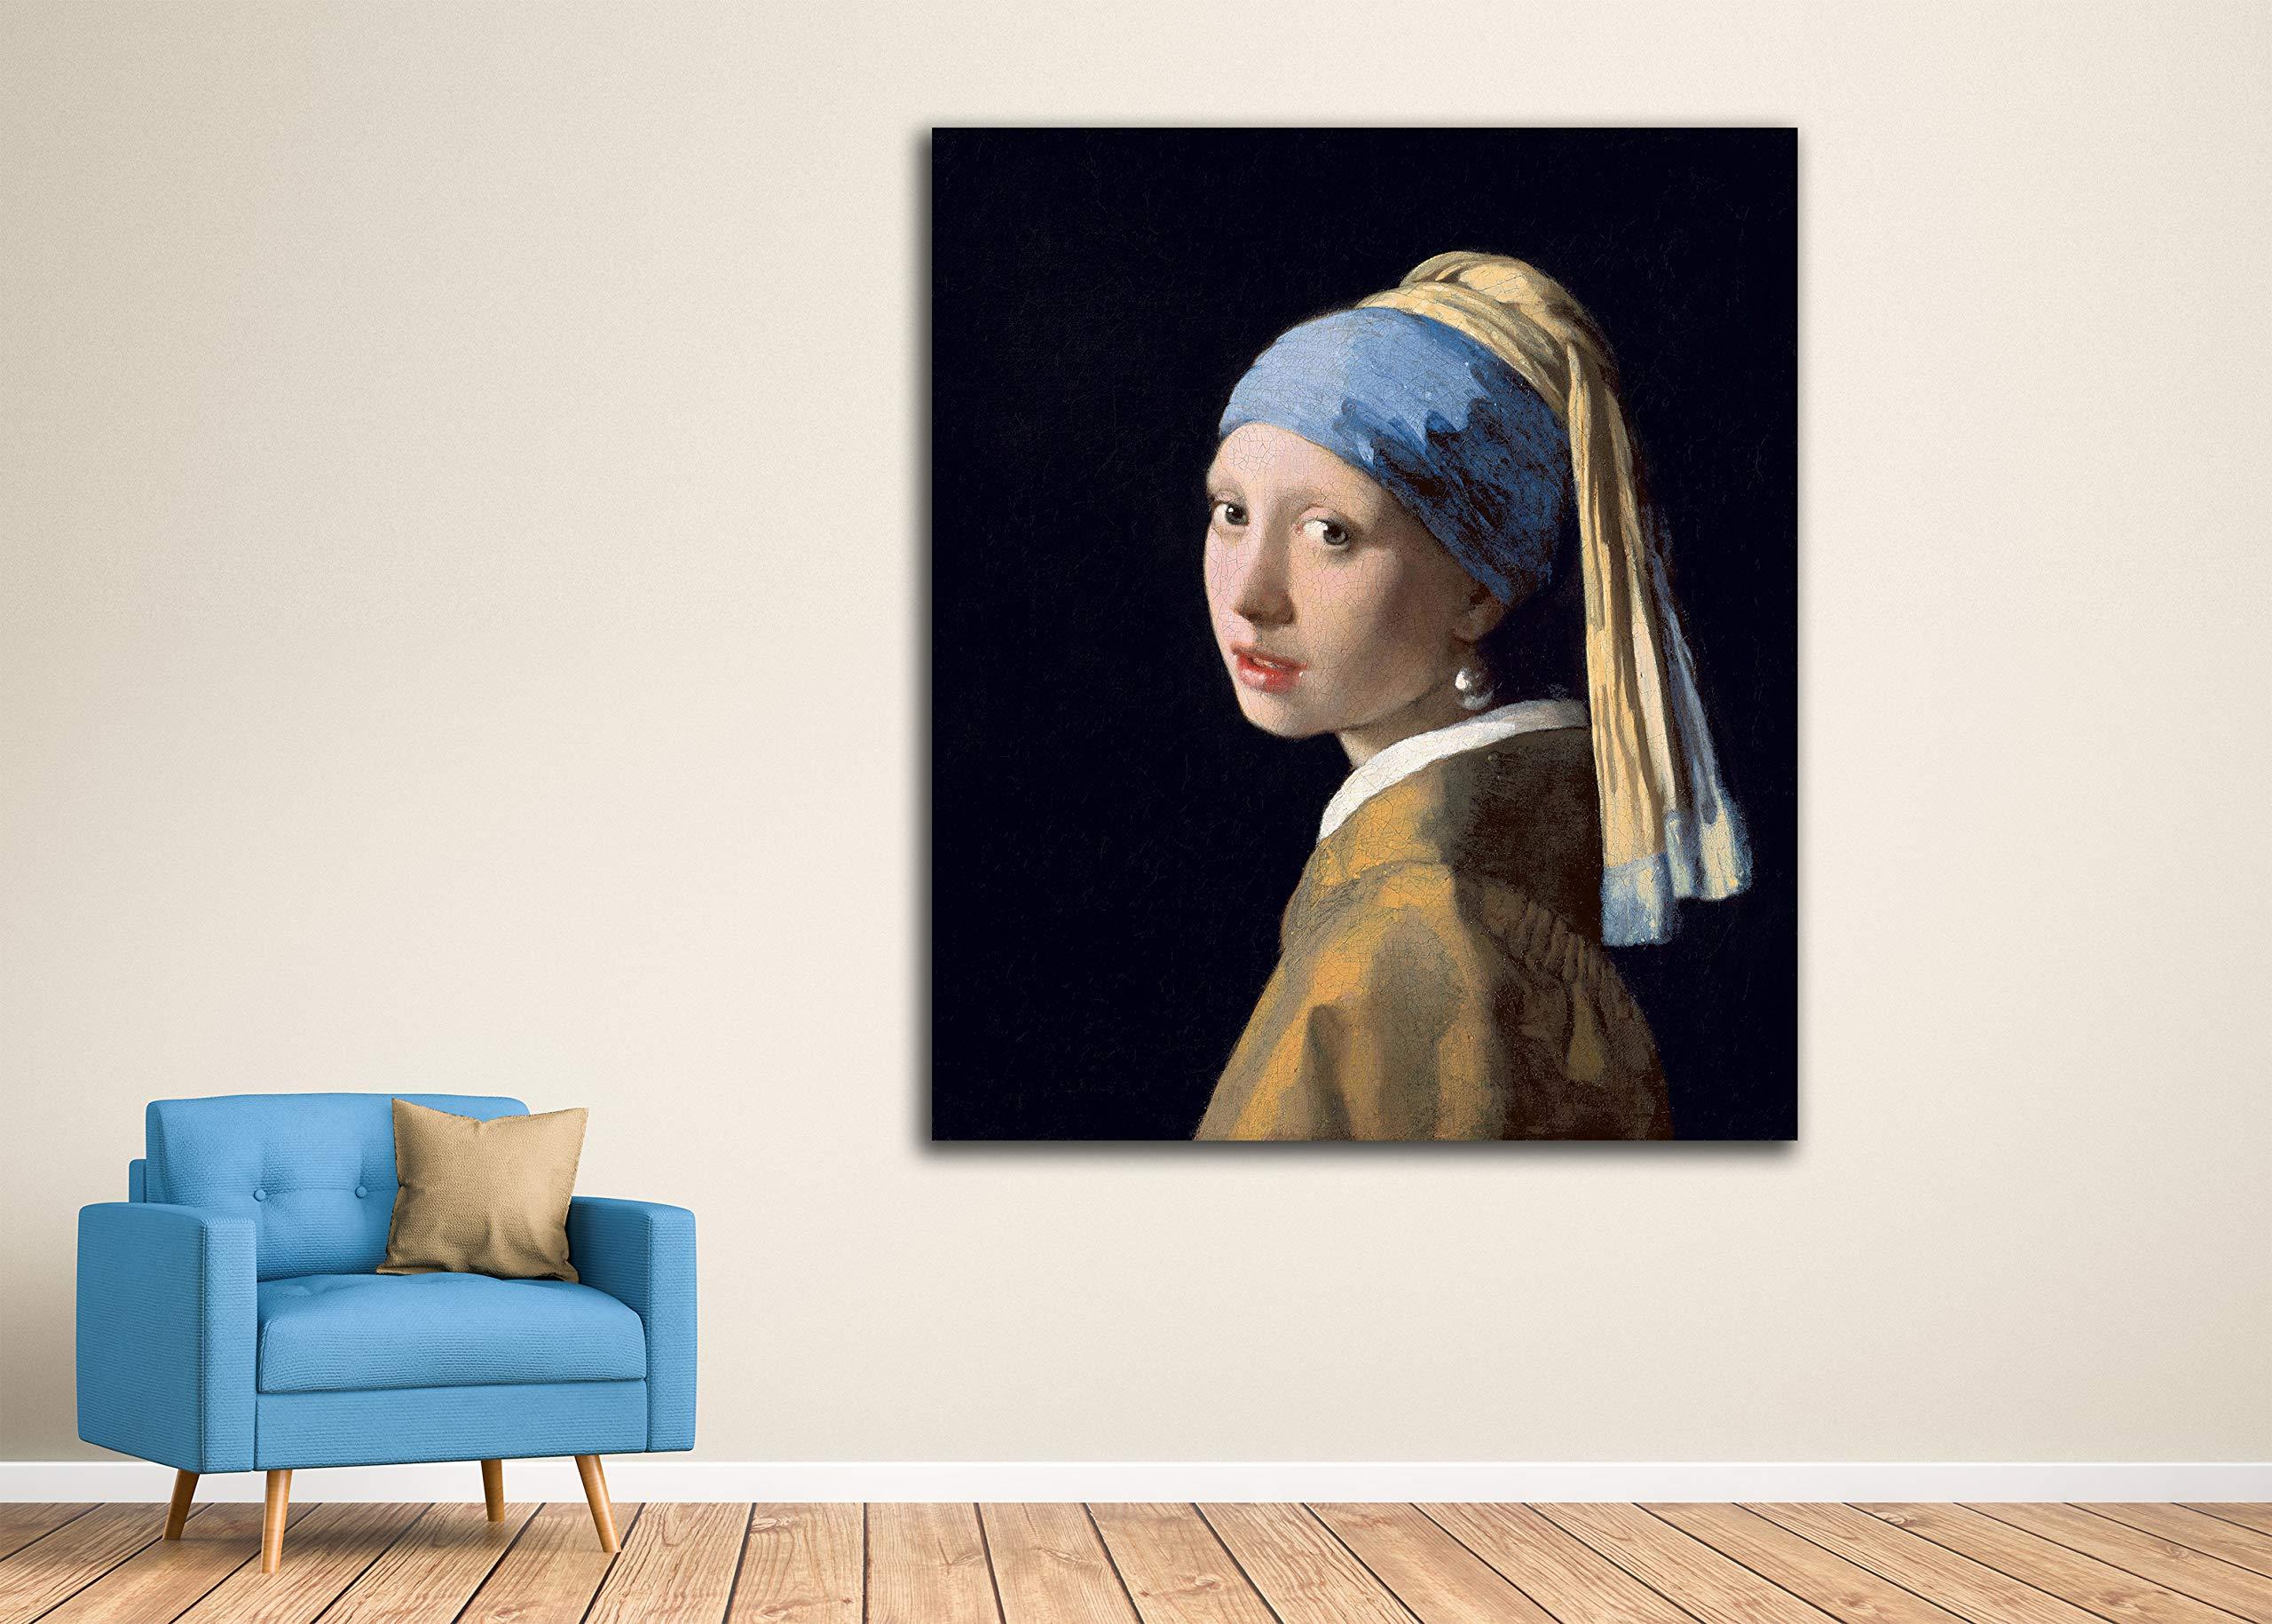 Cuadro Lienzo La Joven de la Perla Johannes Vermeer, Muchacha con Turbante- Lienzo de Tela Bastidor